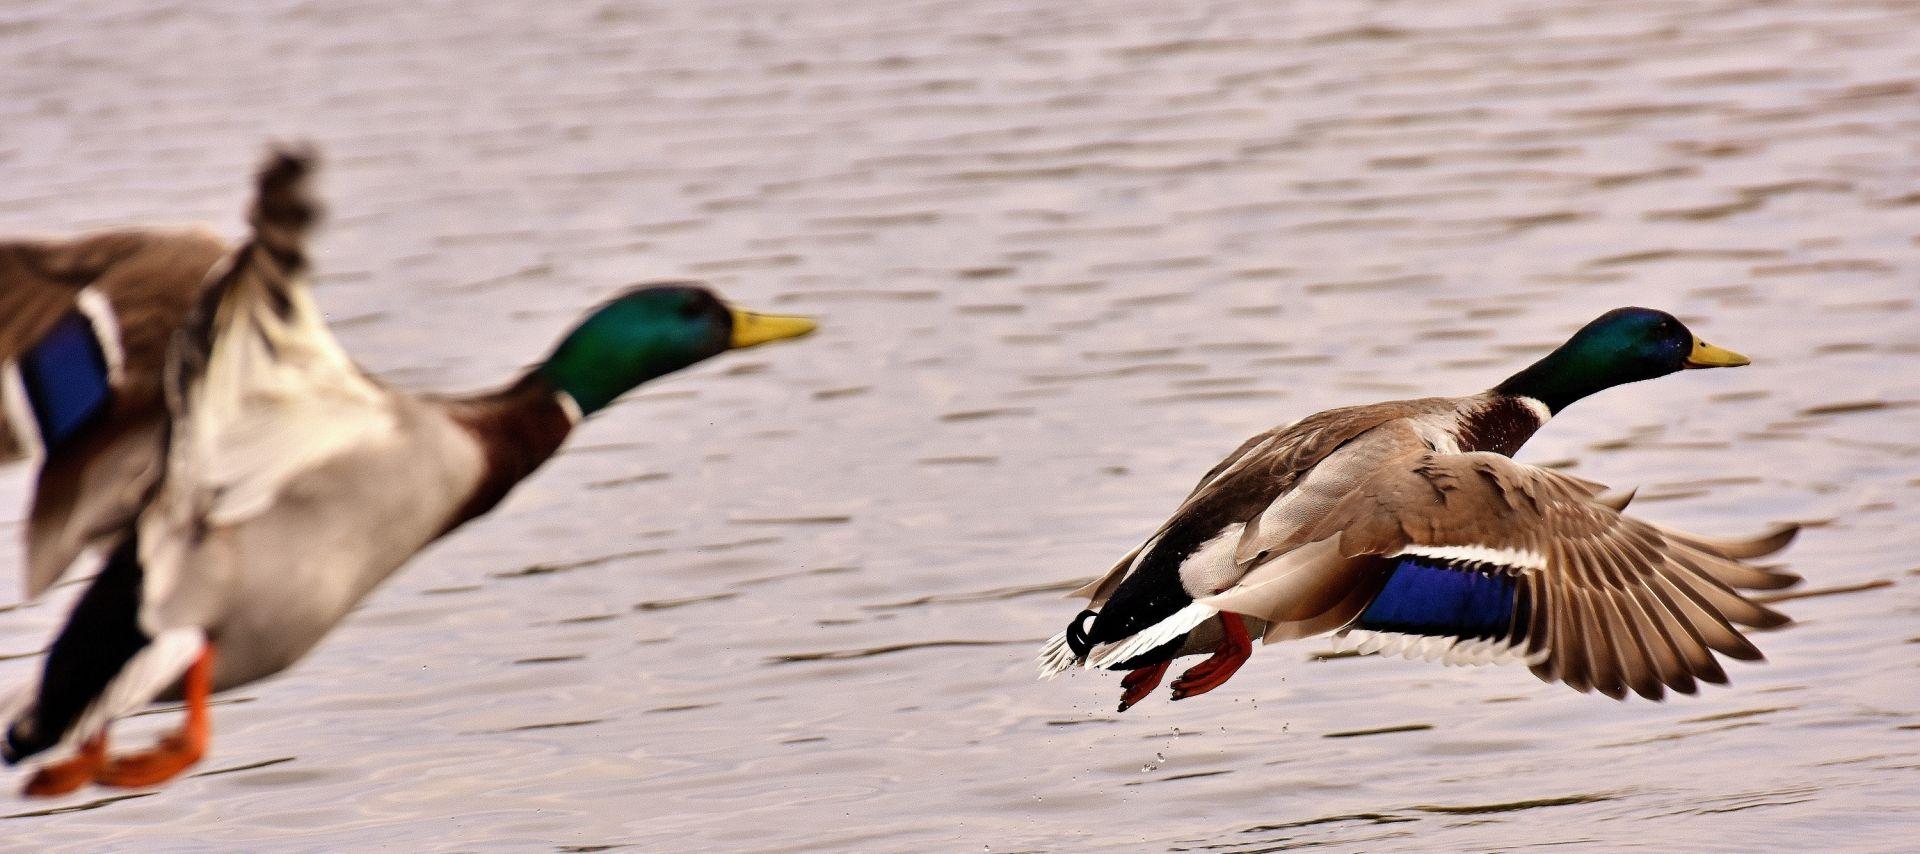 Kaksi sinisorsaa lentää veden pinnan yllä.